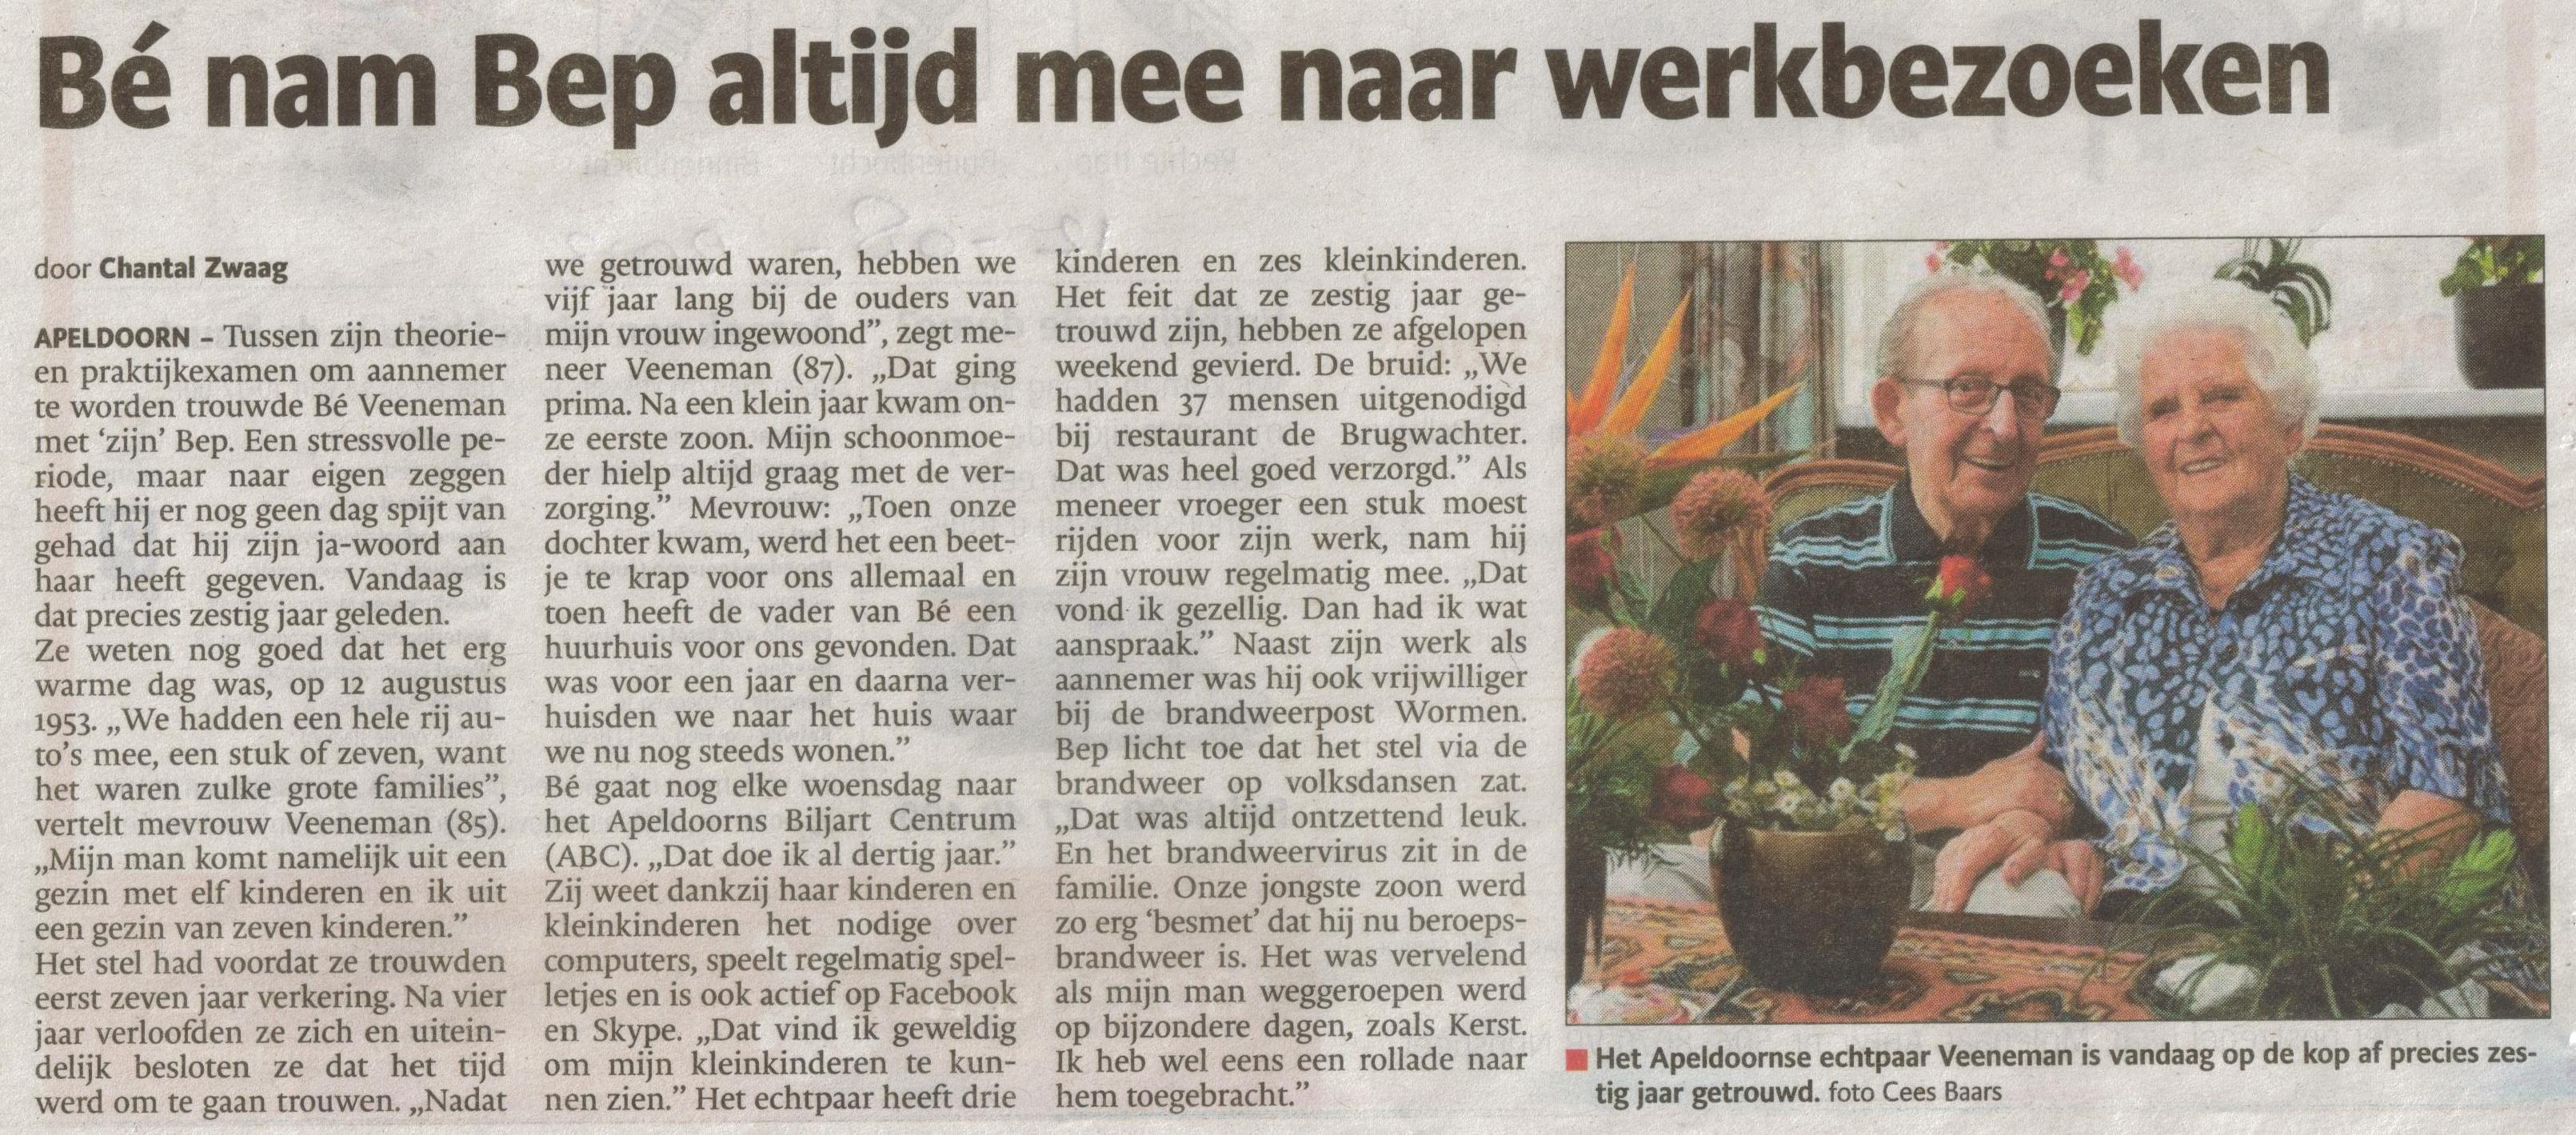 Bron: De Stentor Apeldoorn 12 augustus 2013